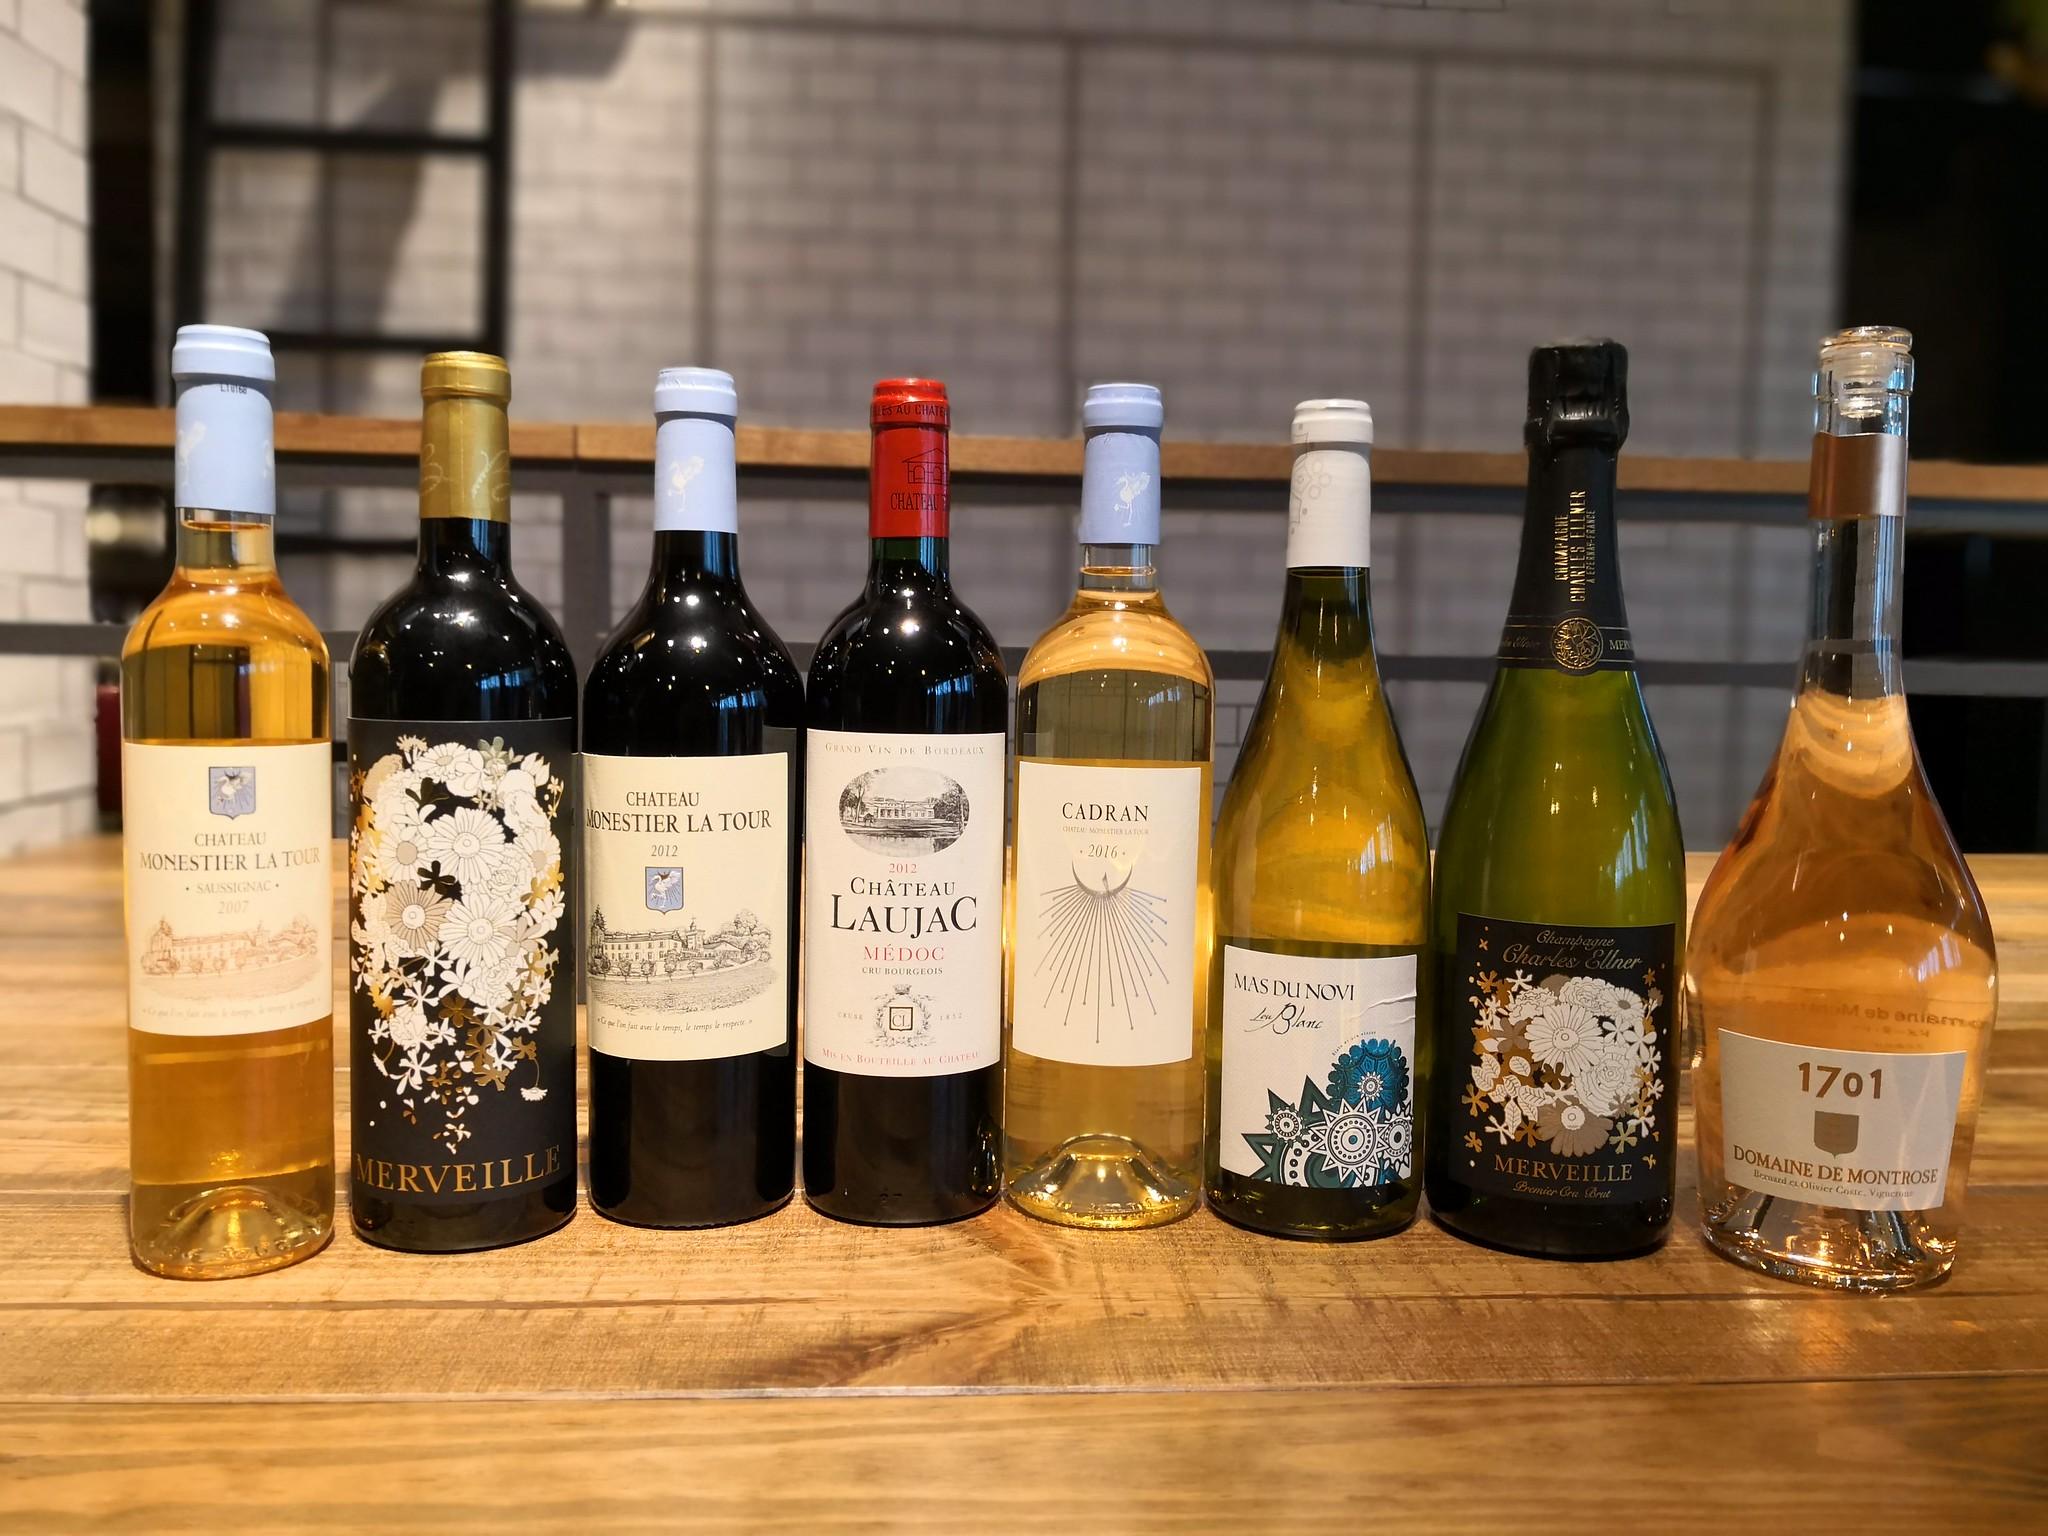 セブンクローバー×グラマーインターナショナルワイン主催「春のフランスワイン会」で繊細なマリアージュを楽しみました!